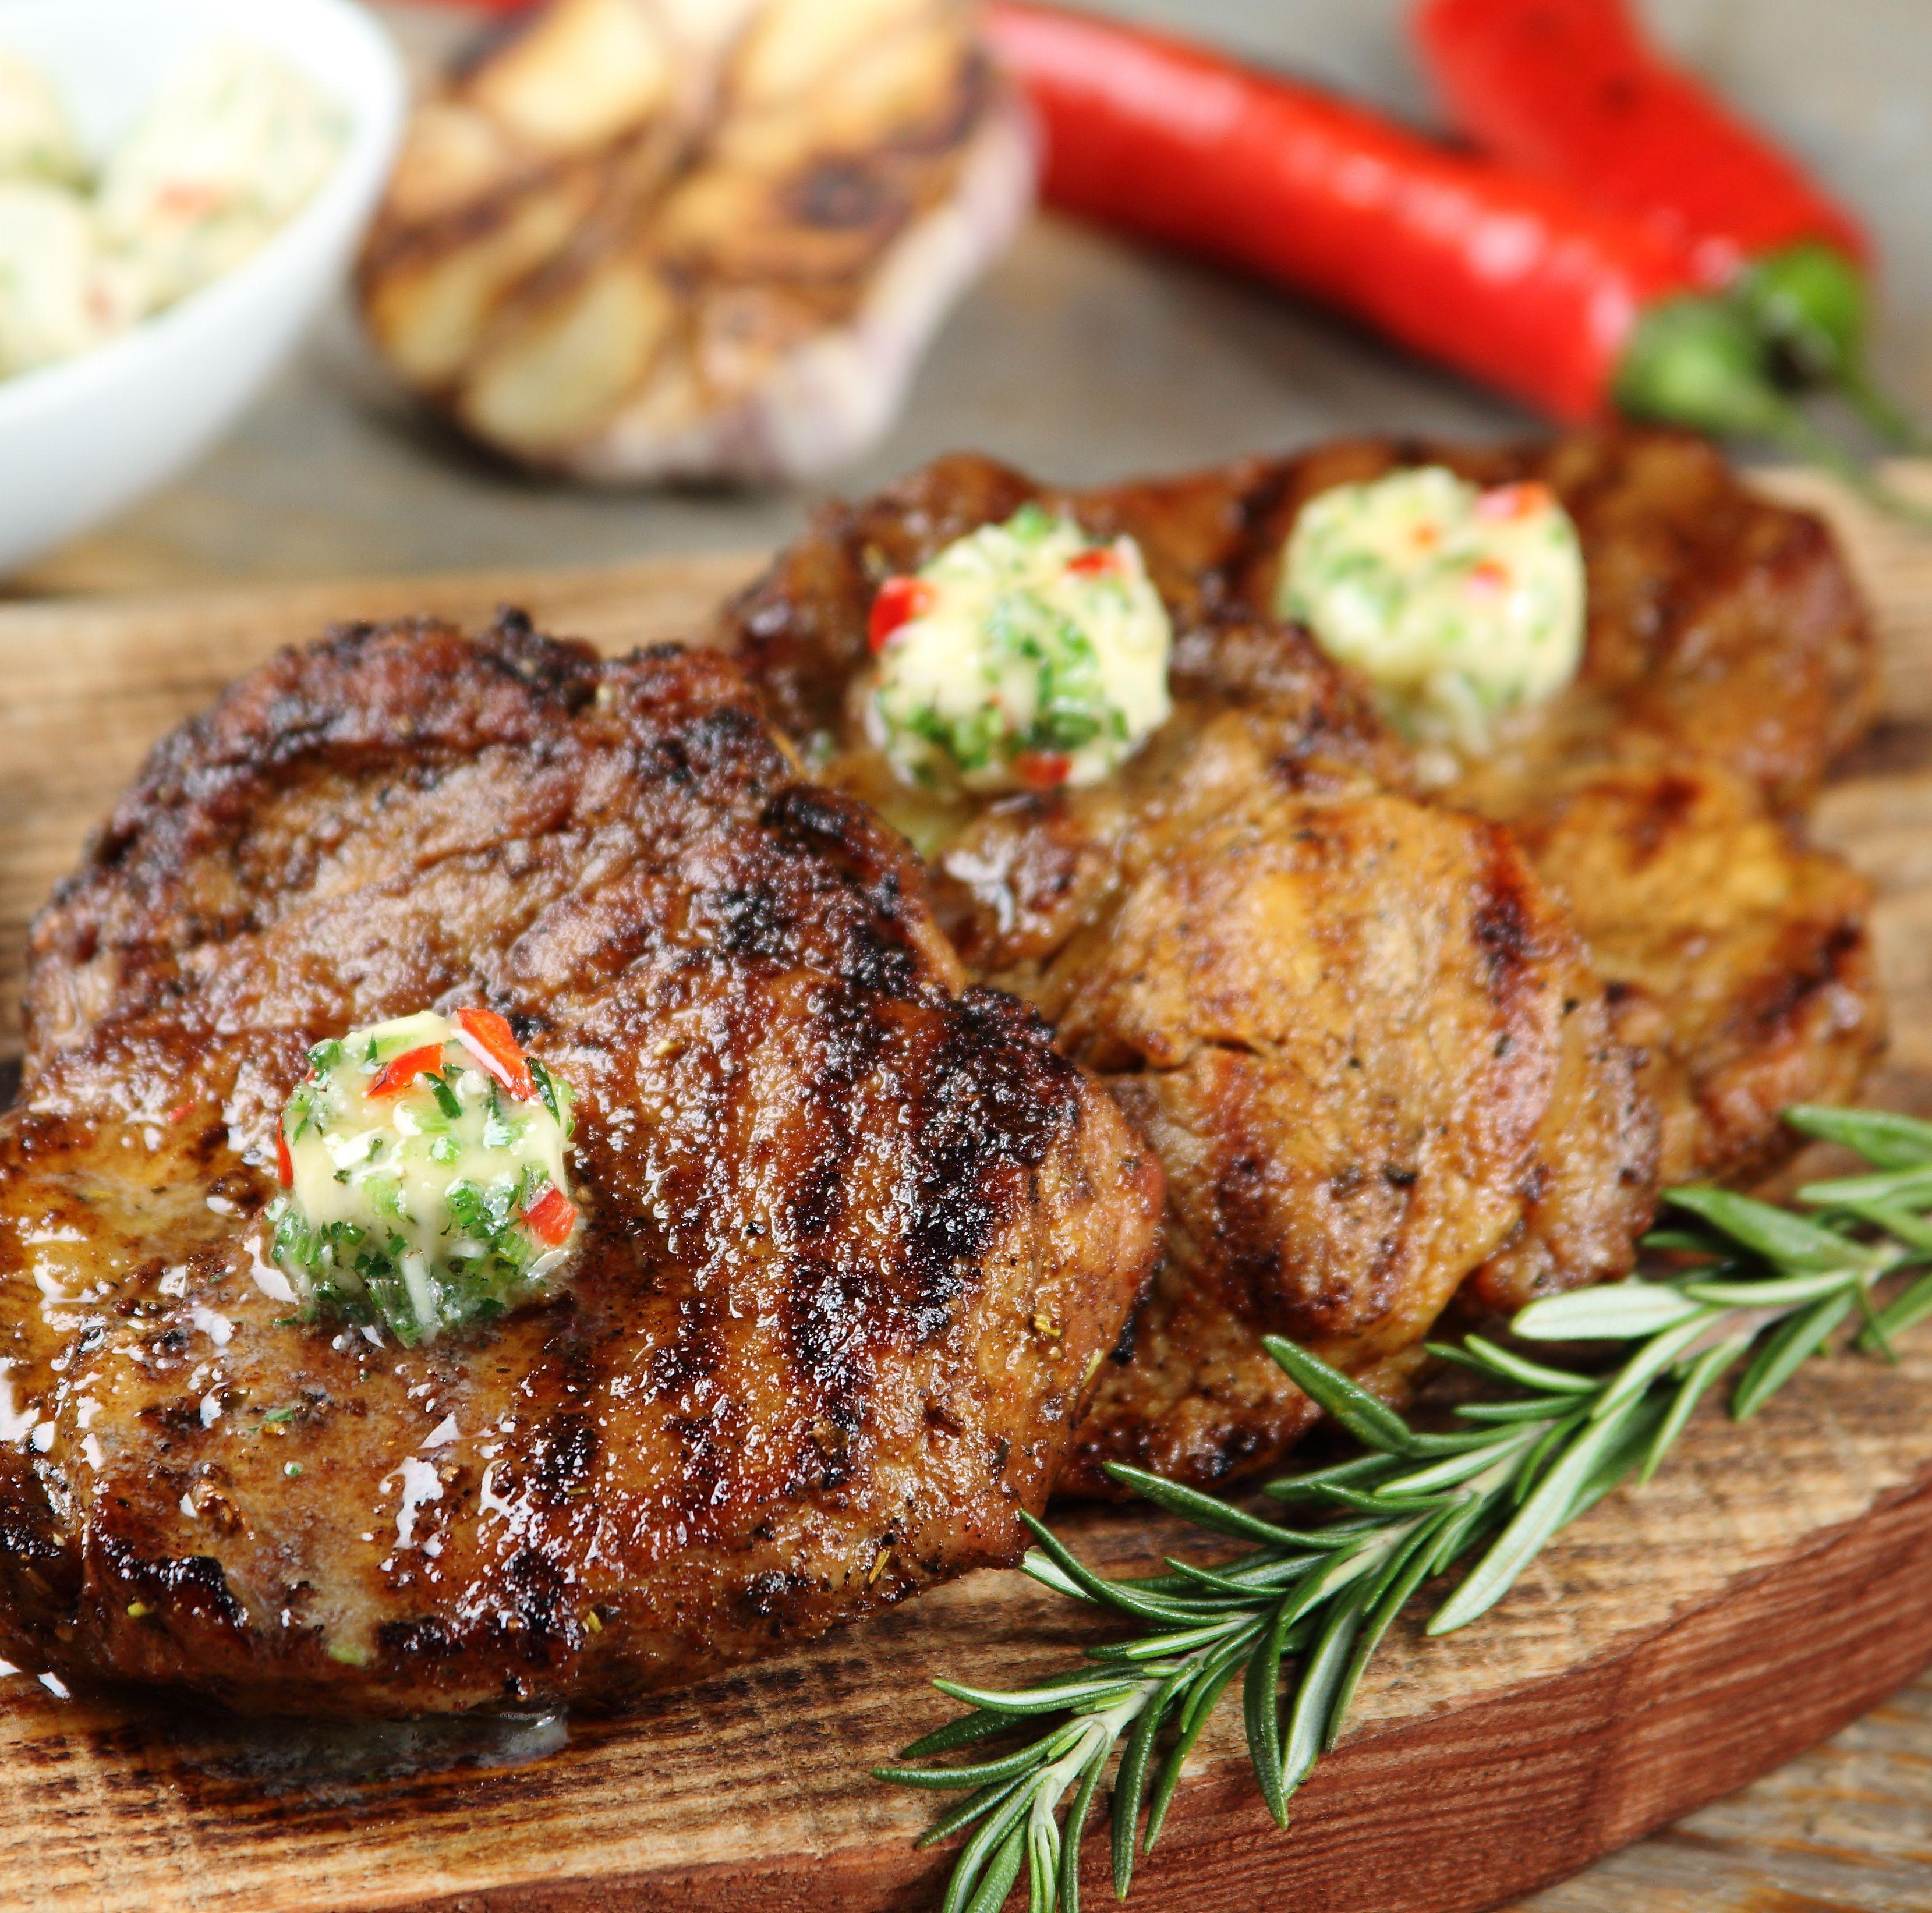 Stek Z Karkowki Z Ostrym Maslem Ziolowym Przepis Zobacz Na Przepisy Pl Recipe Culinary Recipes Food Grilling